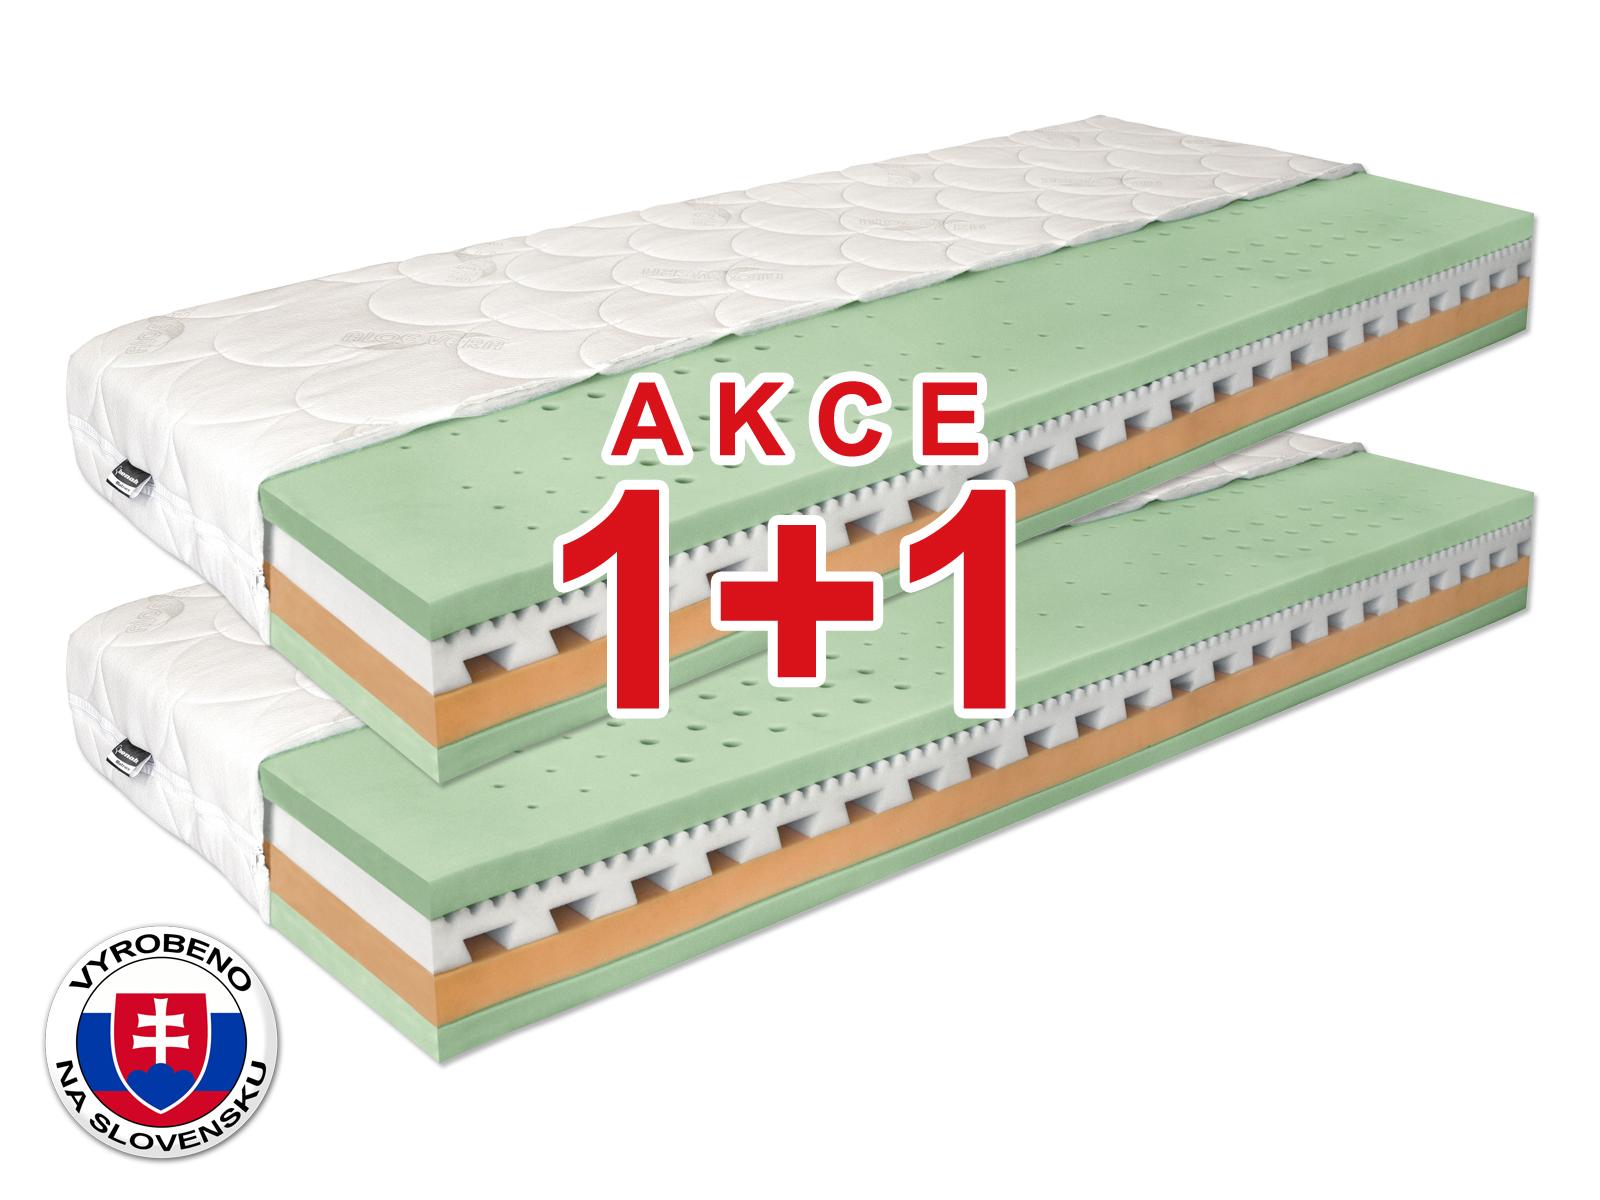 Pěnová matrace - Benab - Omega Flex Duo - 200x70 cm (T3/T4) *AKCE 1+1. Akce (1+1): populární a pohodlná oboustranná matrace se snímatelným potahem, z naturální BIO pěny se 7-zónovým odvětrávacím systémem vyrobený na Slovensku